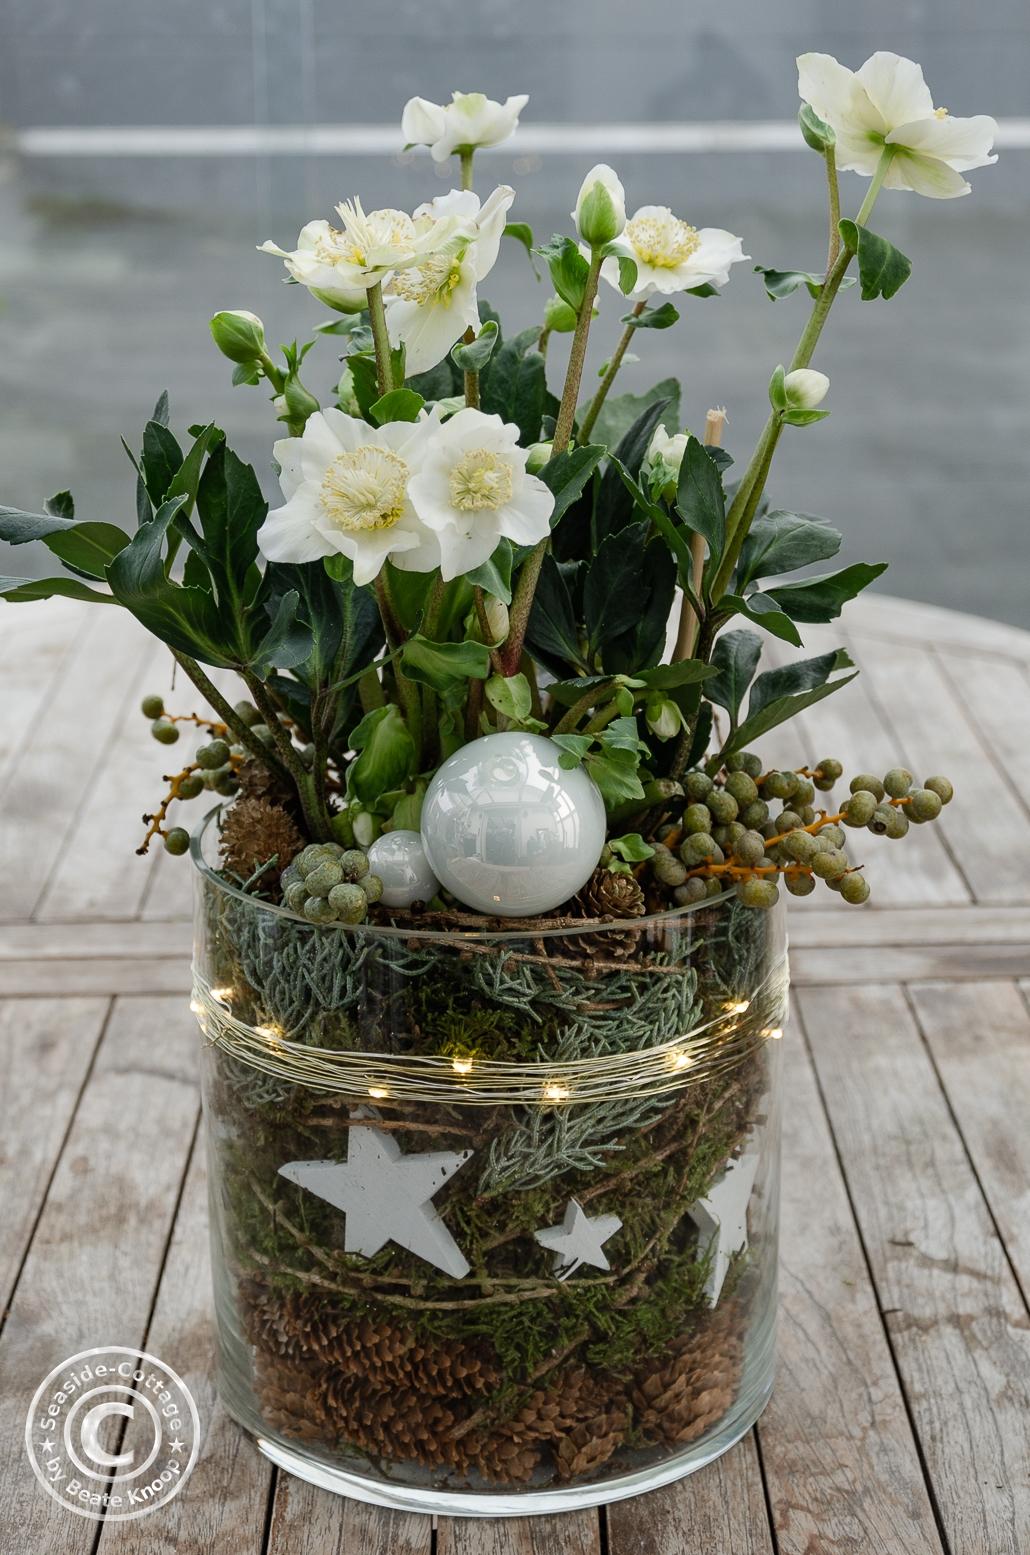 Christrose im Topf weihnachtlich dekoriert